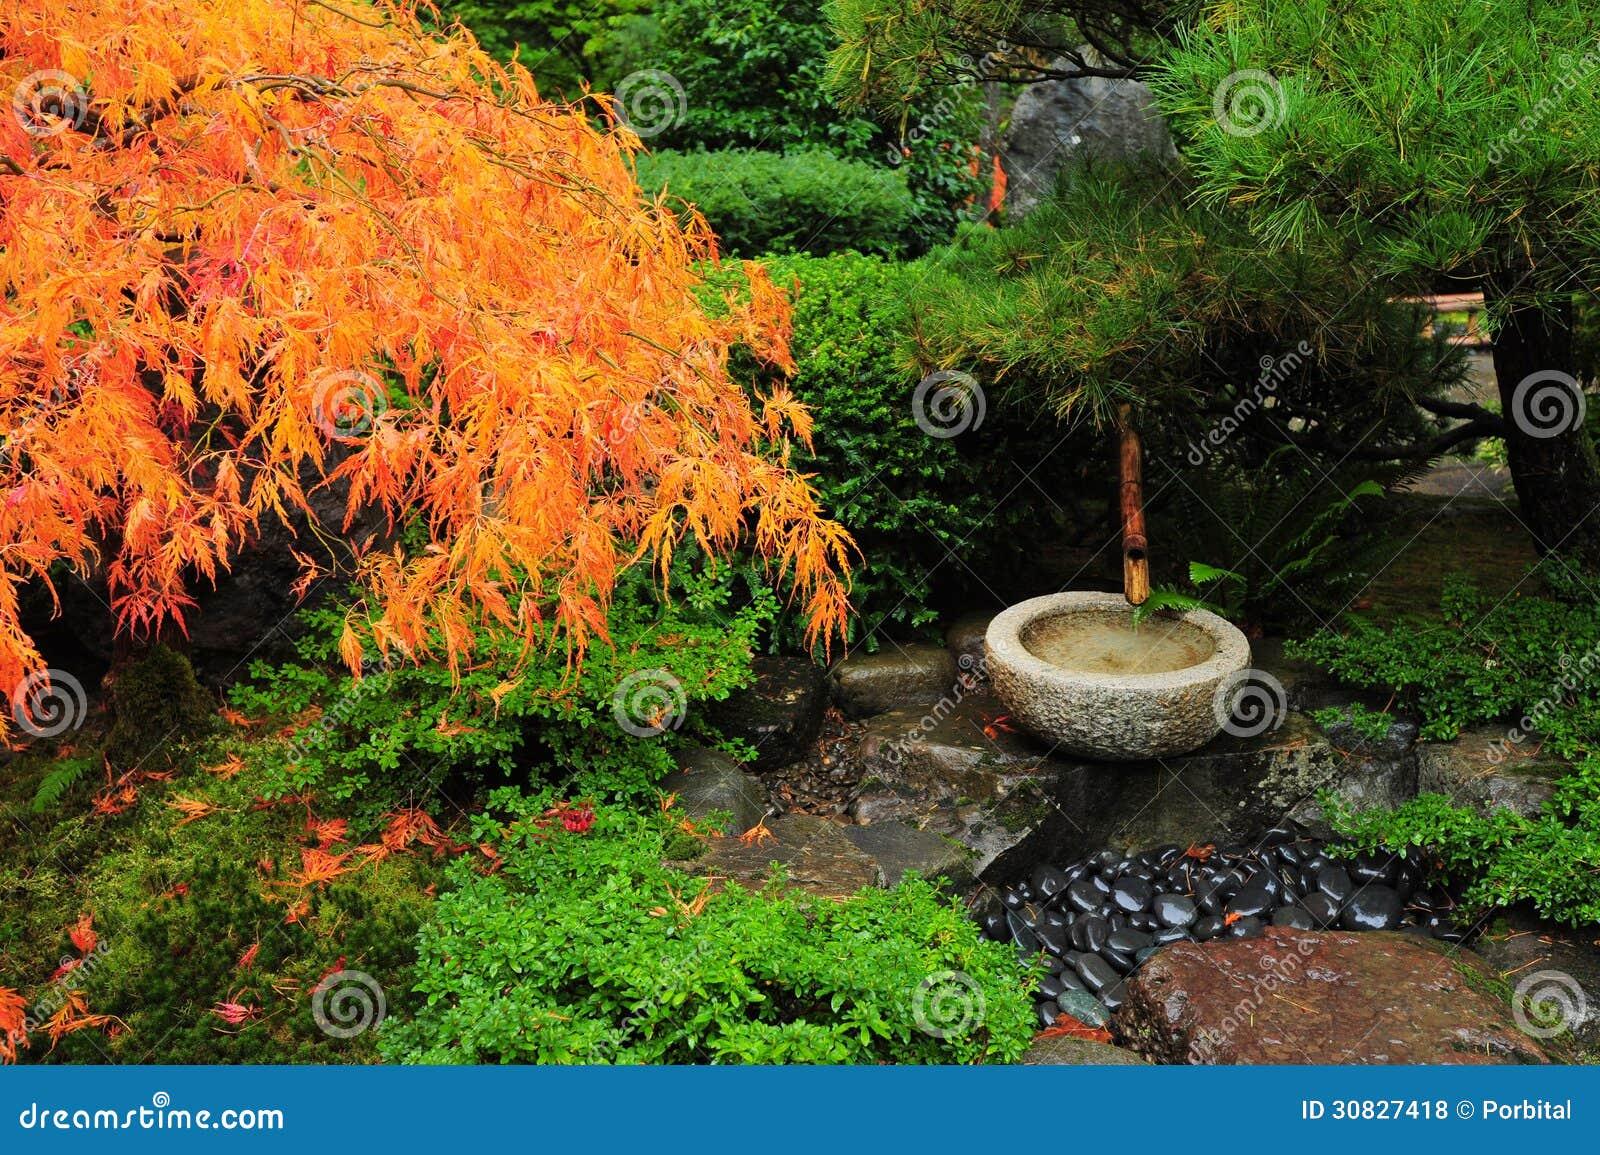 Japanische Gartendekoration Lizenzfreie Stockfotos Bild